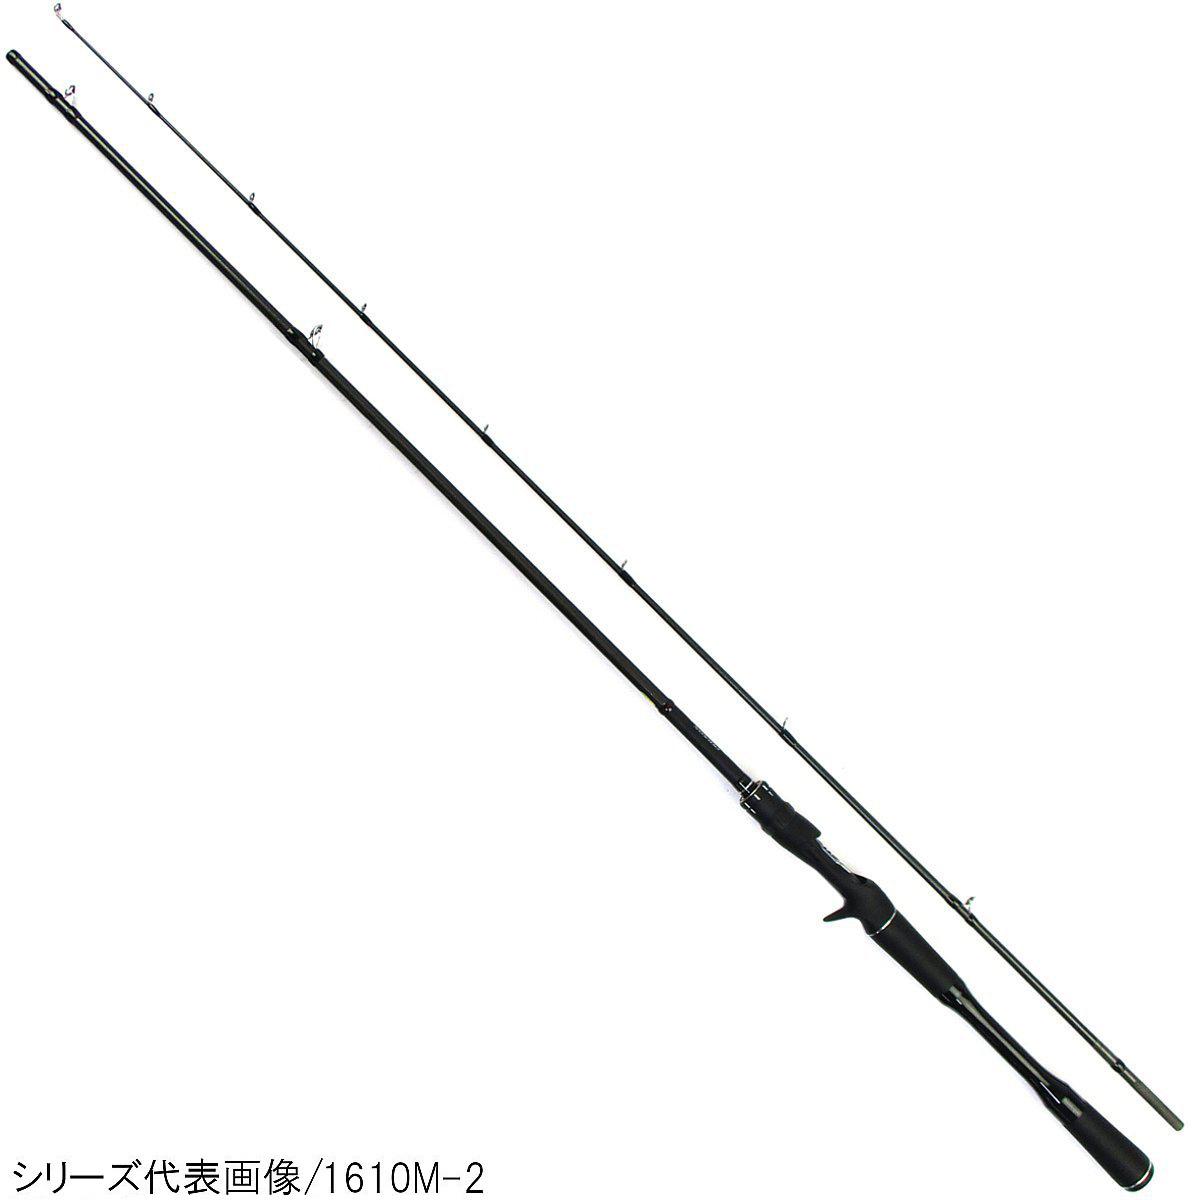 シマノ ポイズンアドレナ センターカット2ピース(ベイト) 1610MH-2【送料無料】